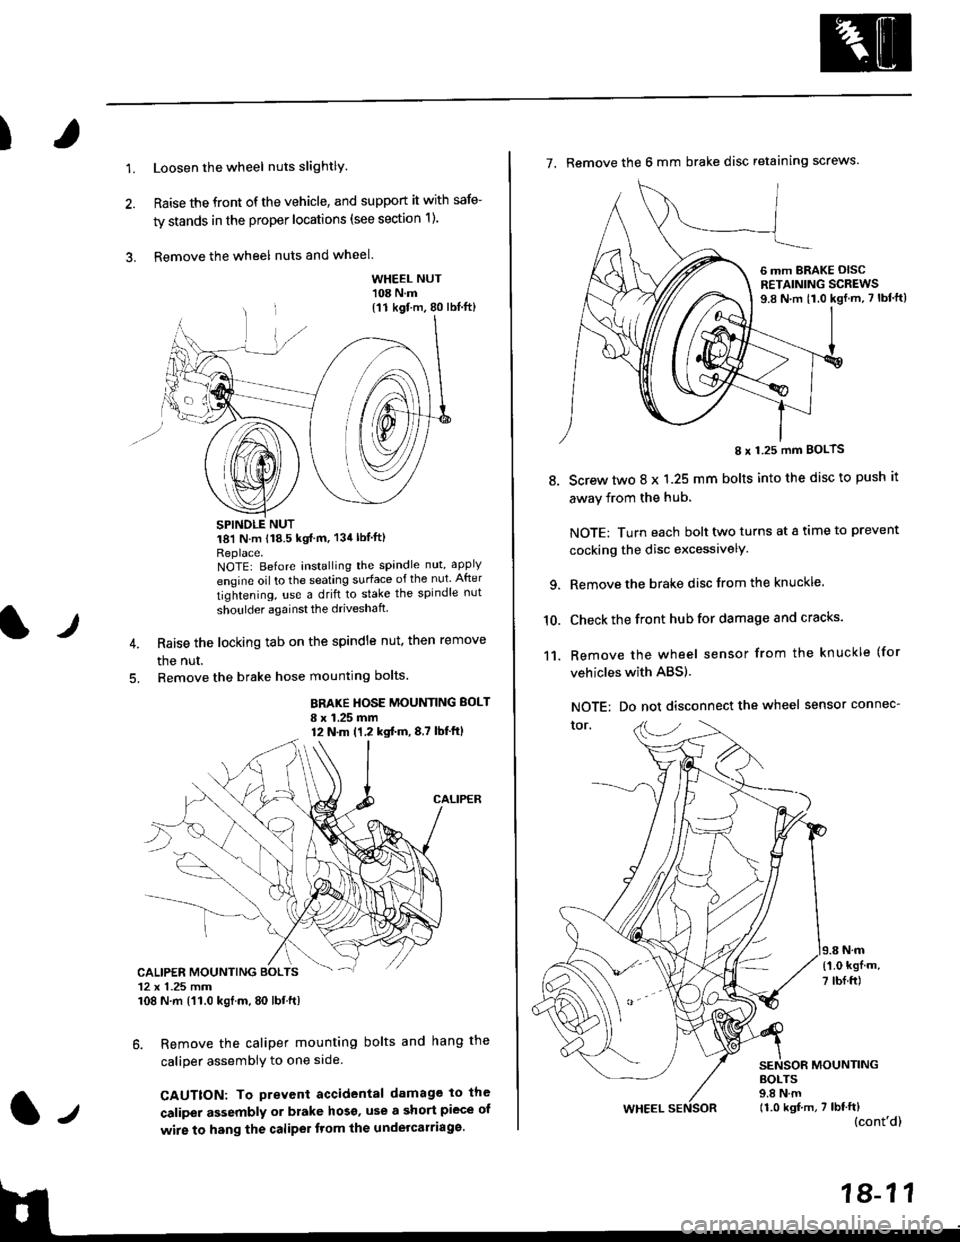 2000 Honda Civic Air Conditioner Diagram Html